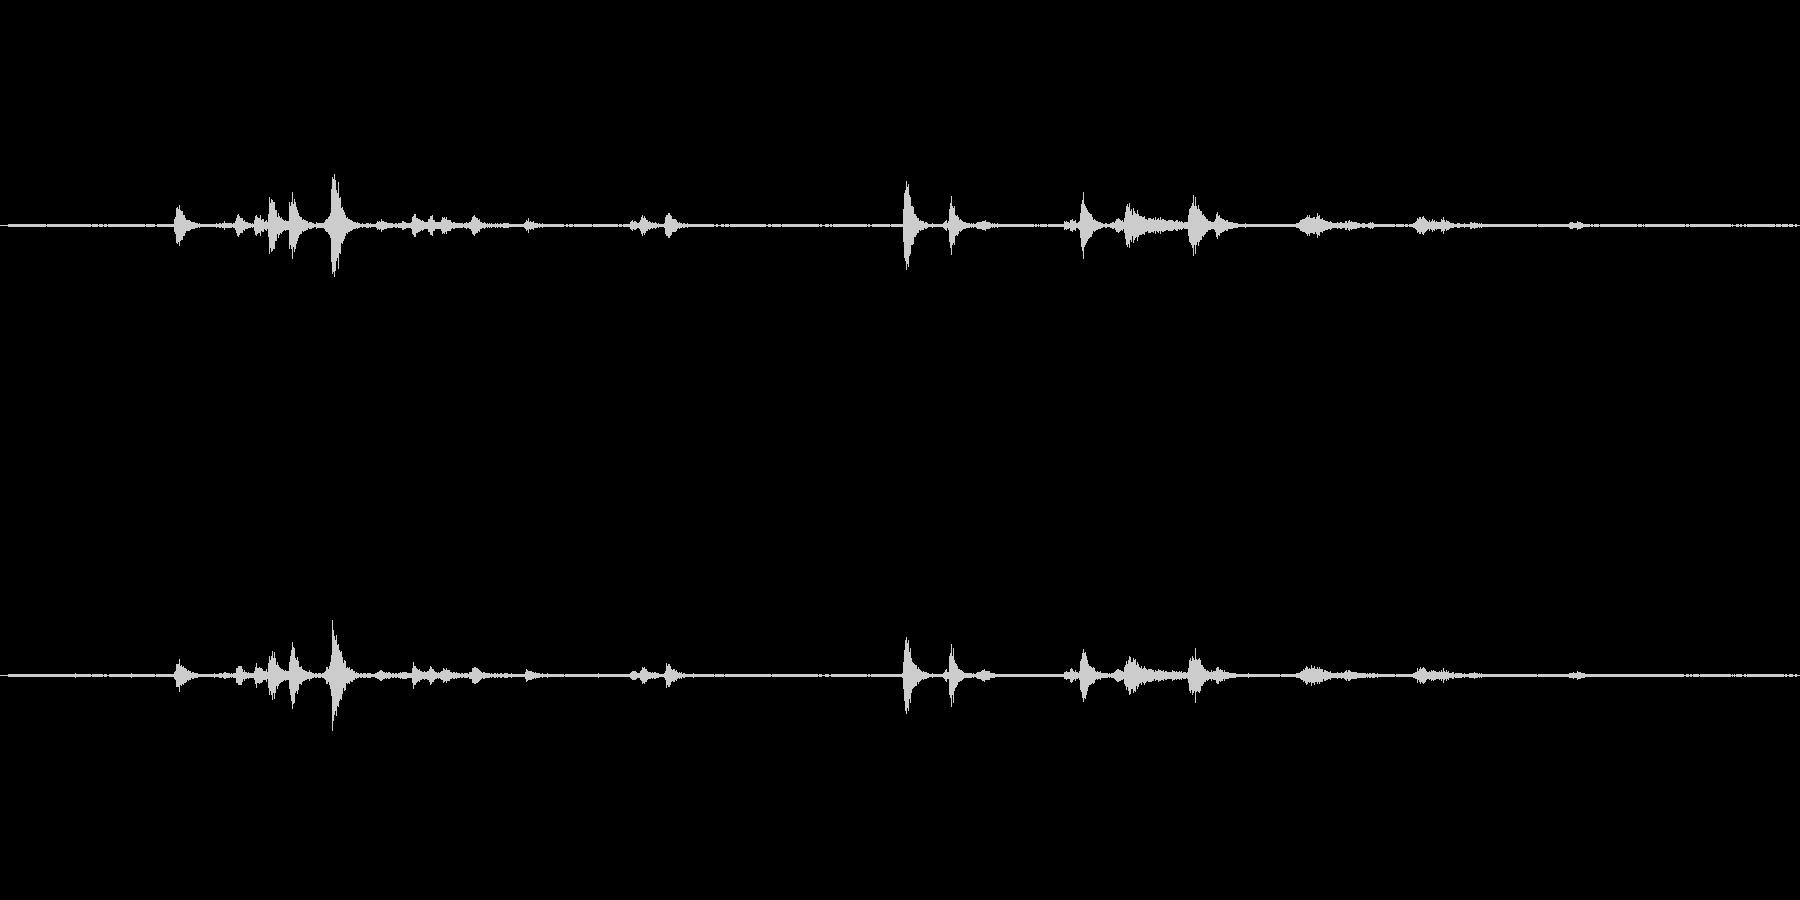 食器(ガラス製)の音ですの未再生の波形